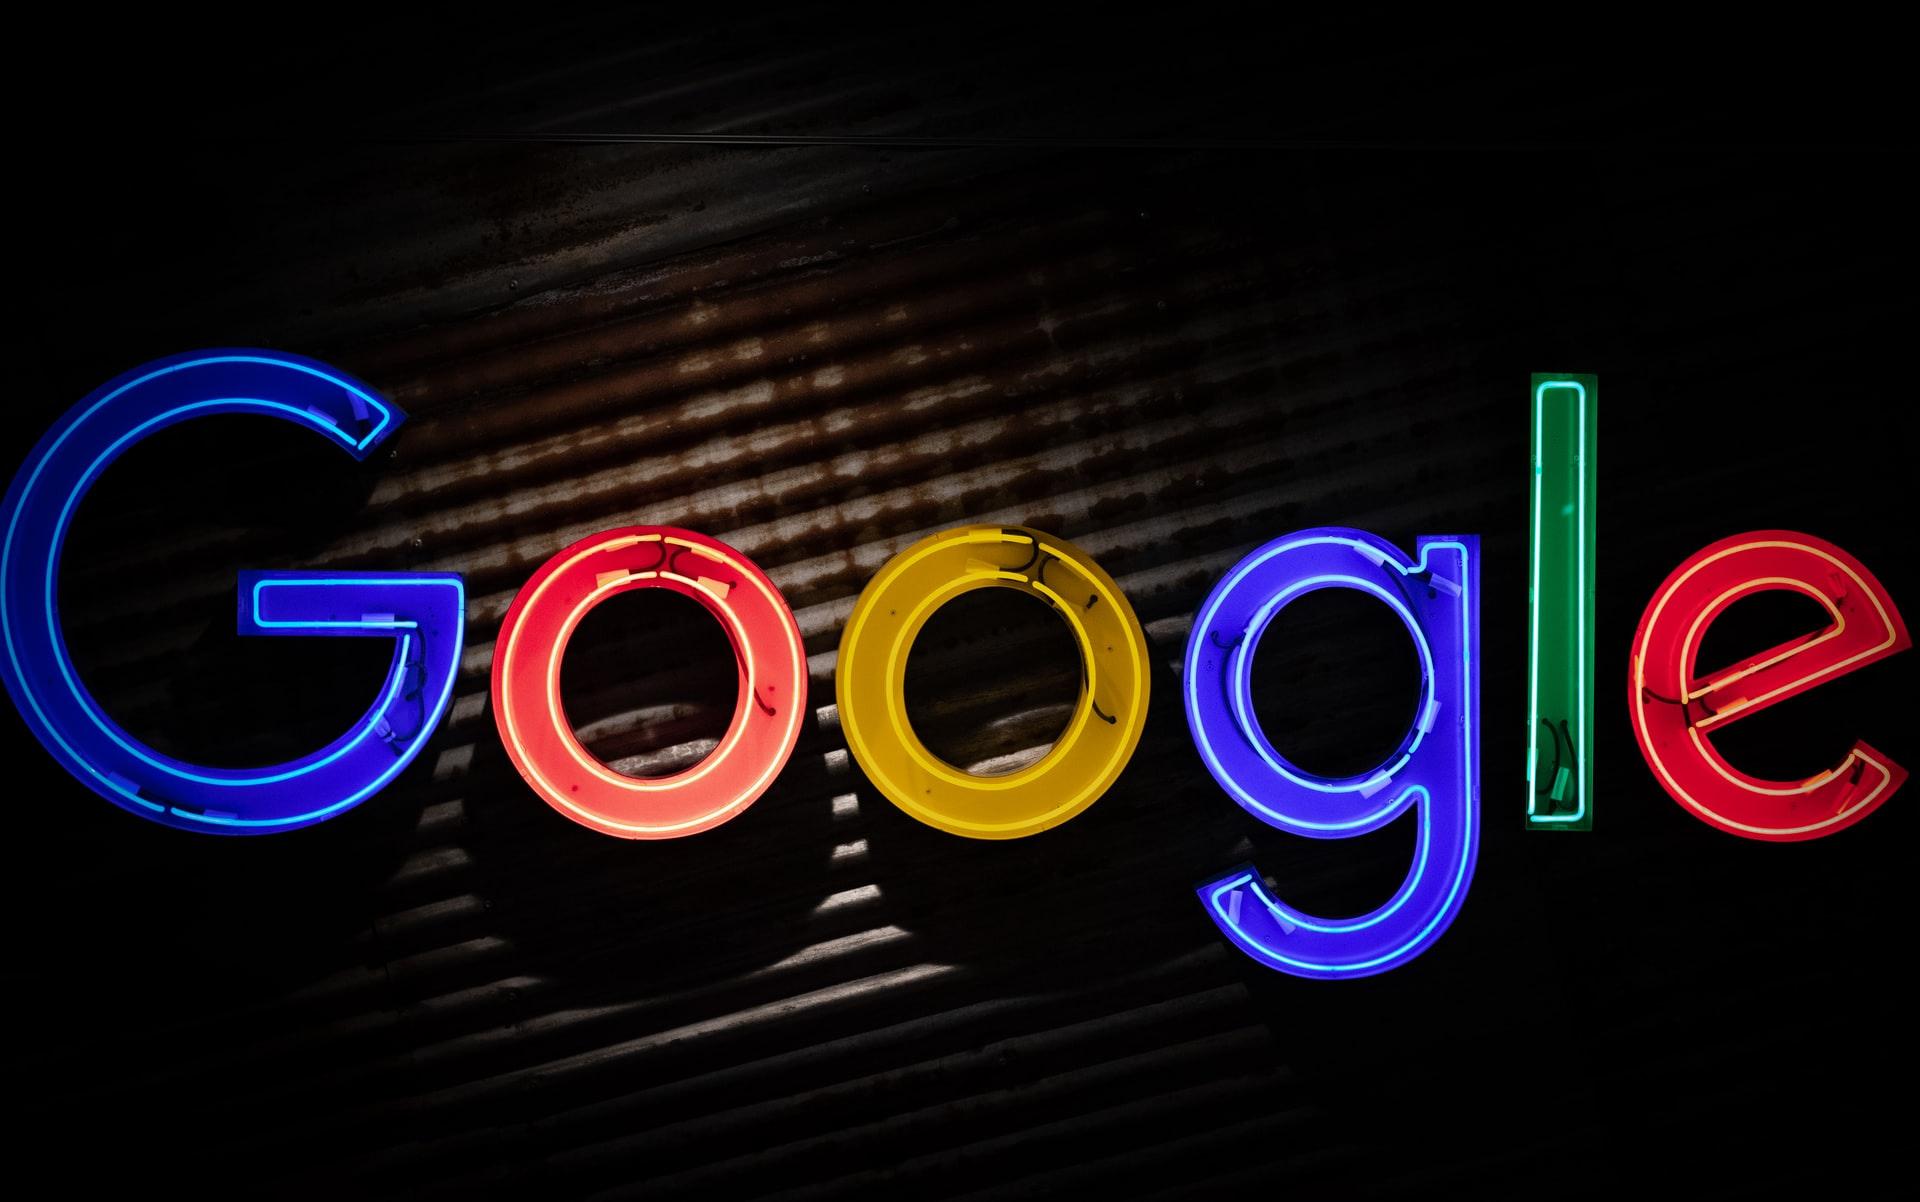 100.000 Google sites χρησιμοποιούνται για την εγκατάσταση του SolarMarket RAT